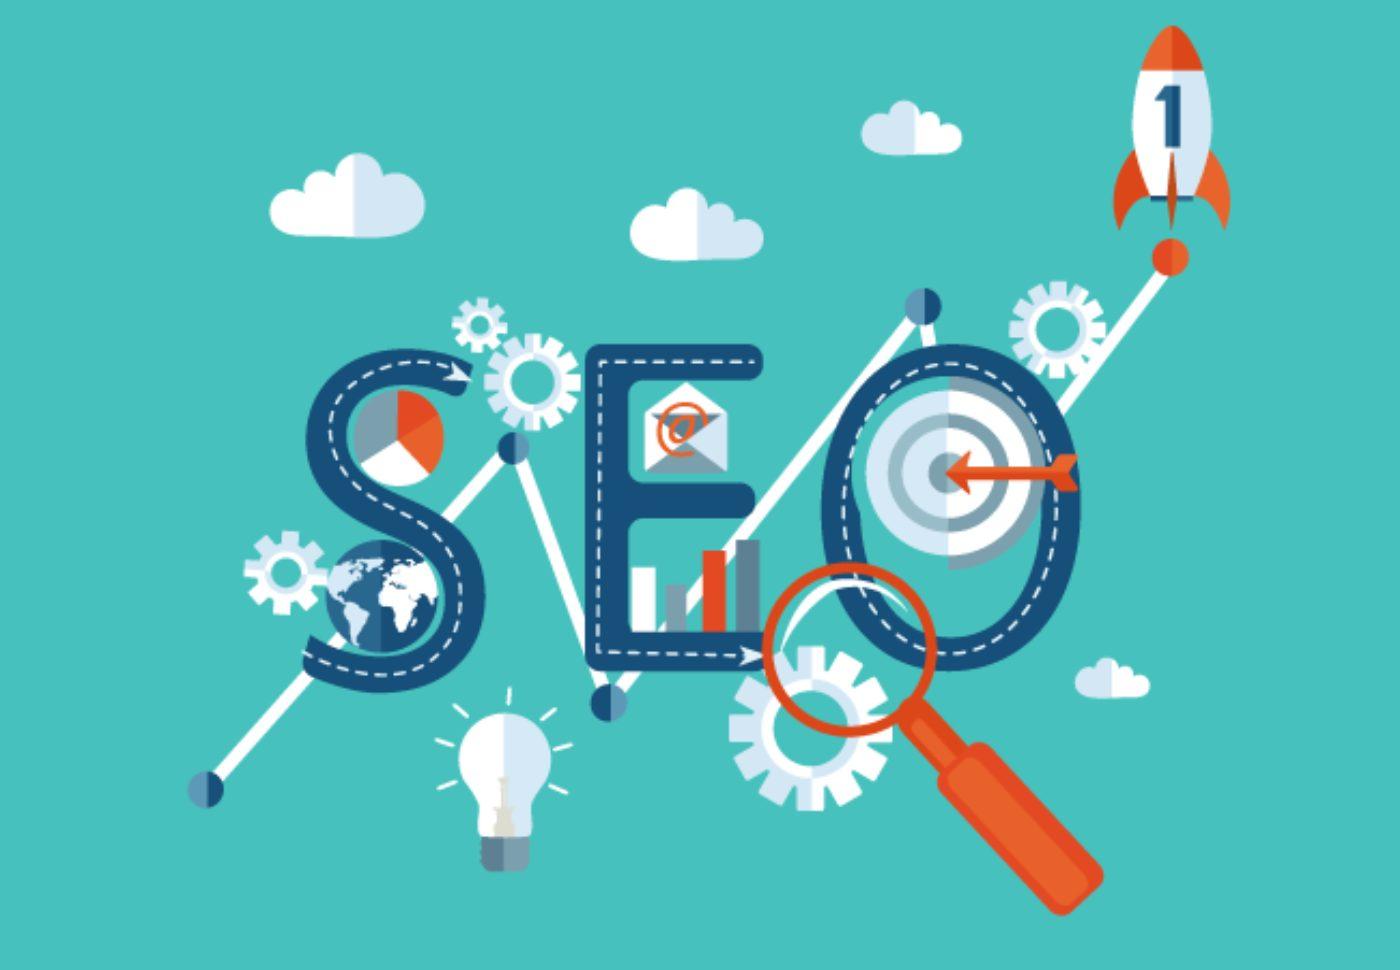 Статті: Як ефективно просувати сайт за допомогою SEO